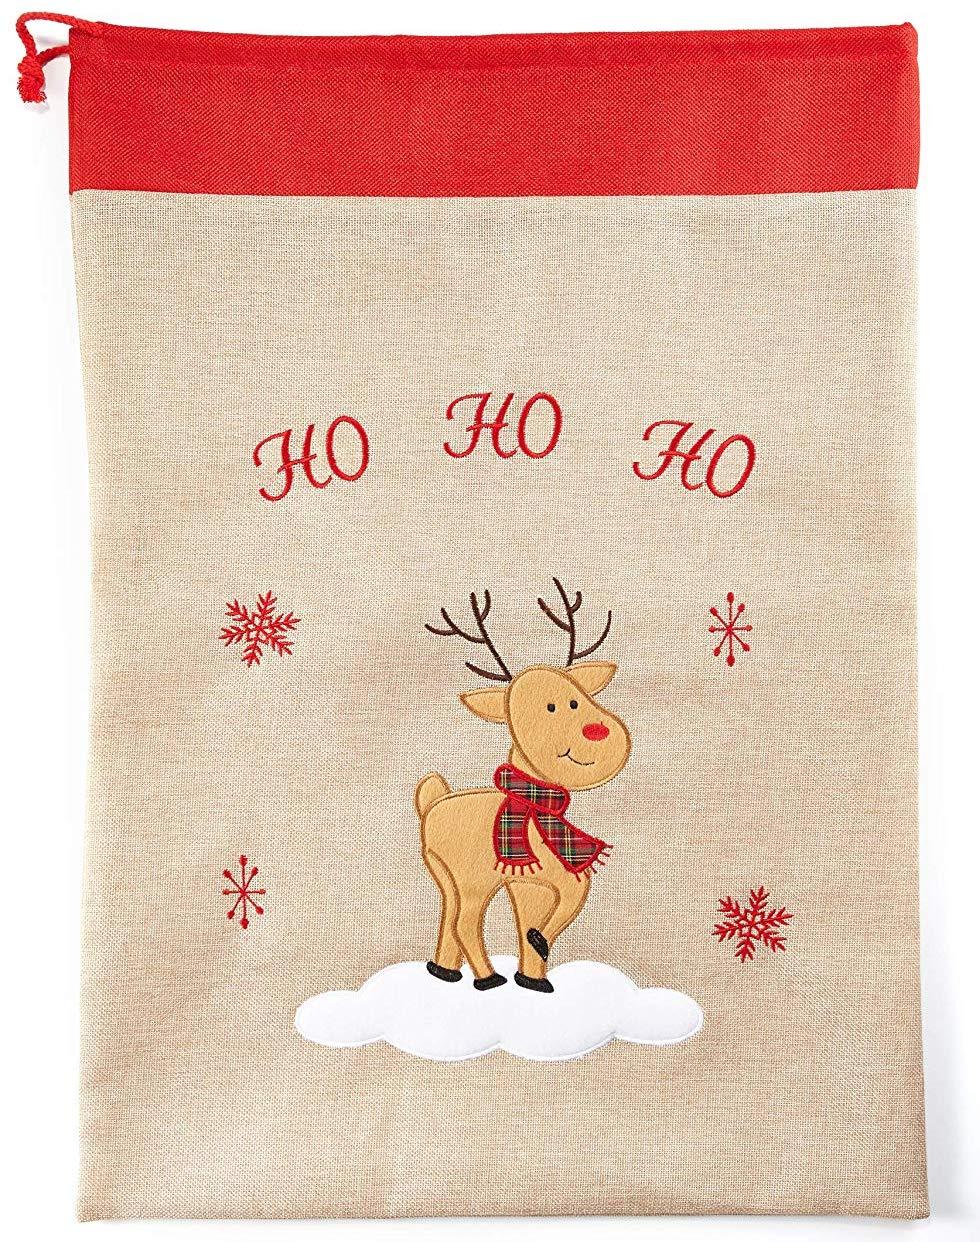 Weihnachtsmann-Sack JUTE verschiedene Motive /& Kordel Geschenkesack Weihnachten